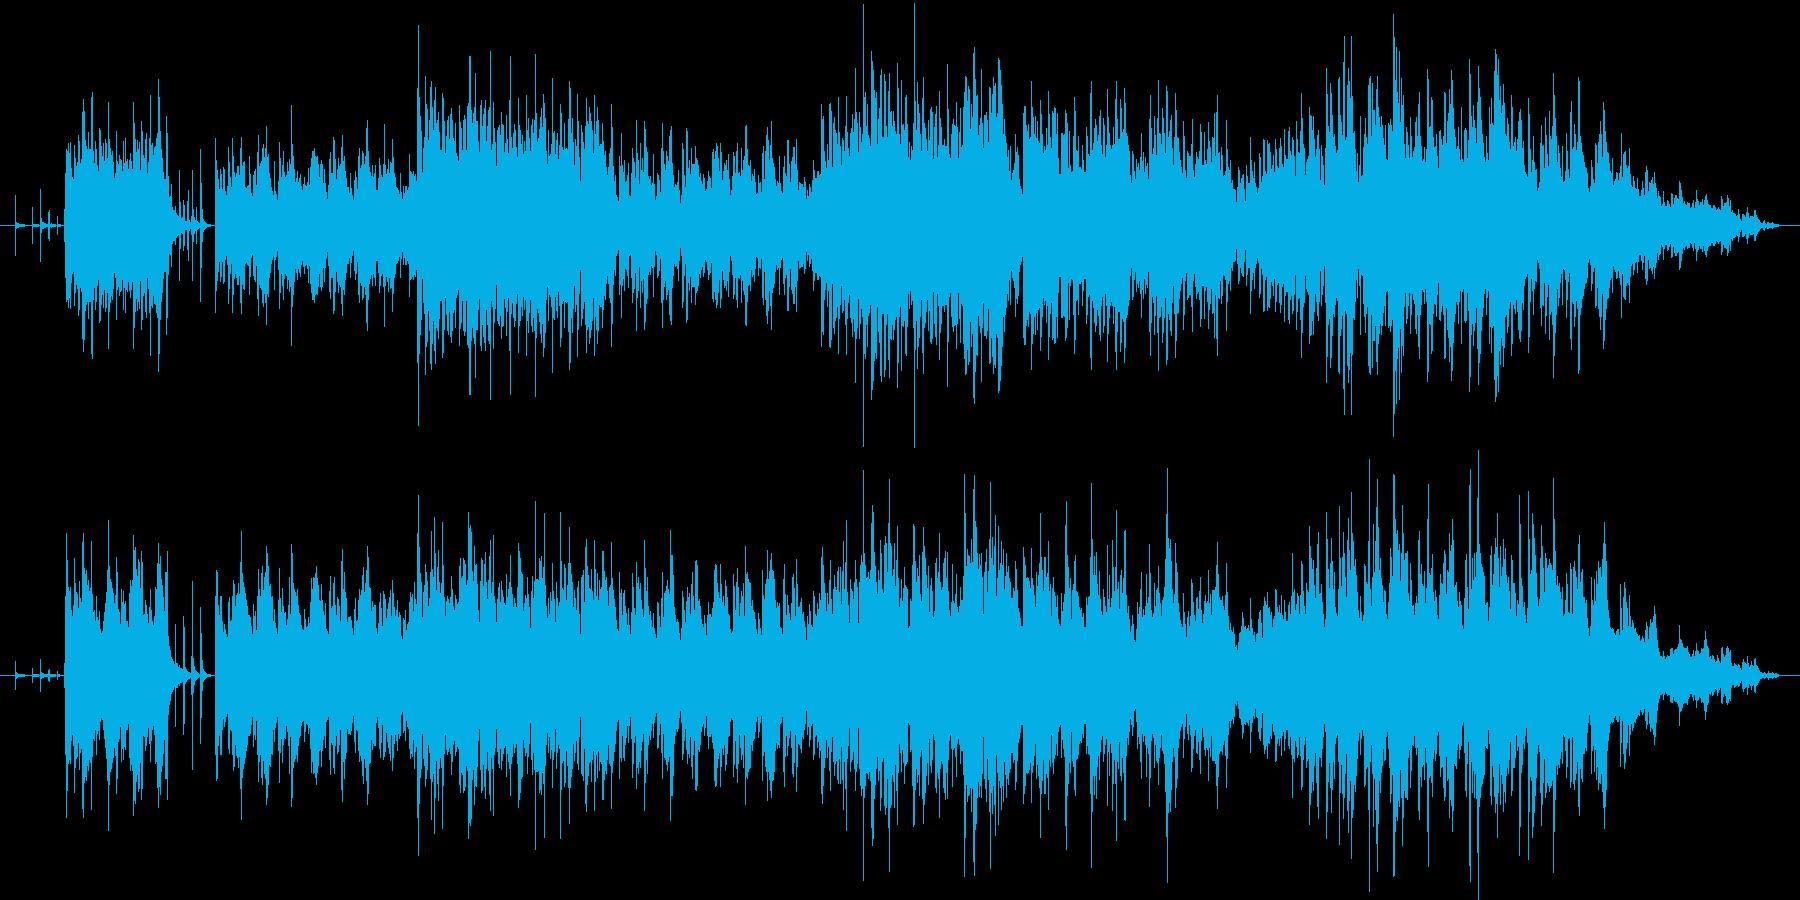 非常にテンポの速いスペイン民族調の曲の再生済みの波形